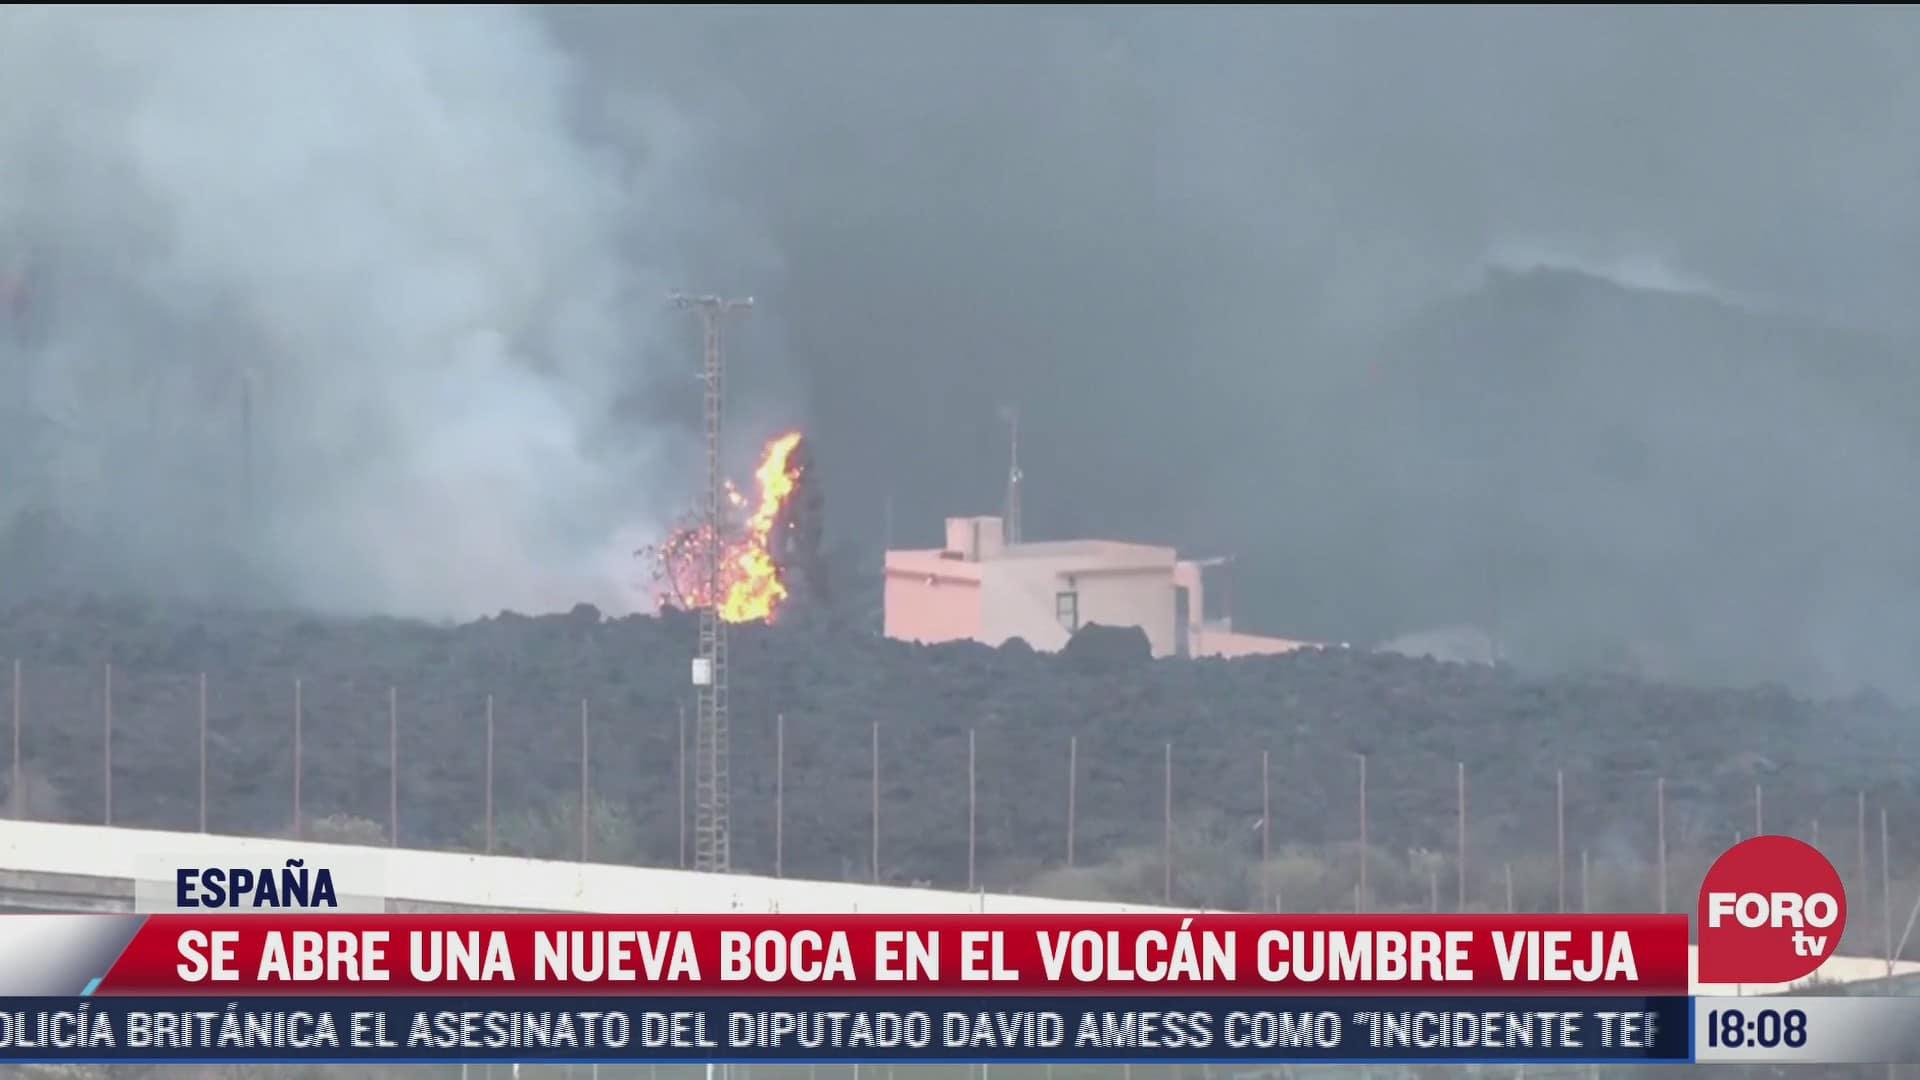 se abre nueva boca en el volcan cumbre vieja en espana